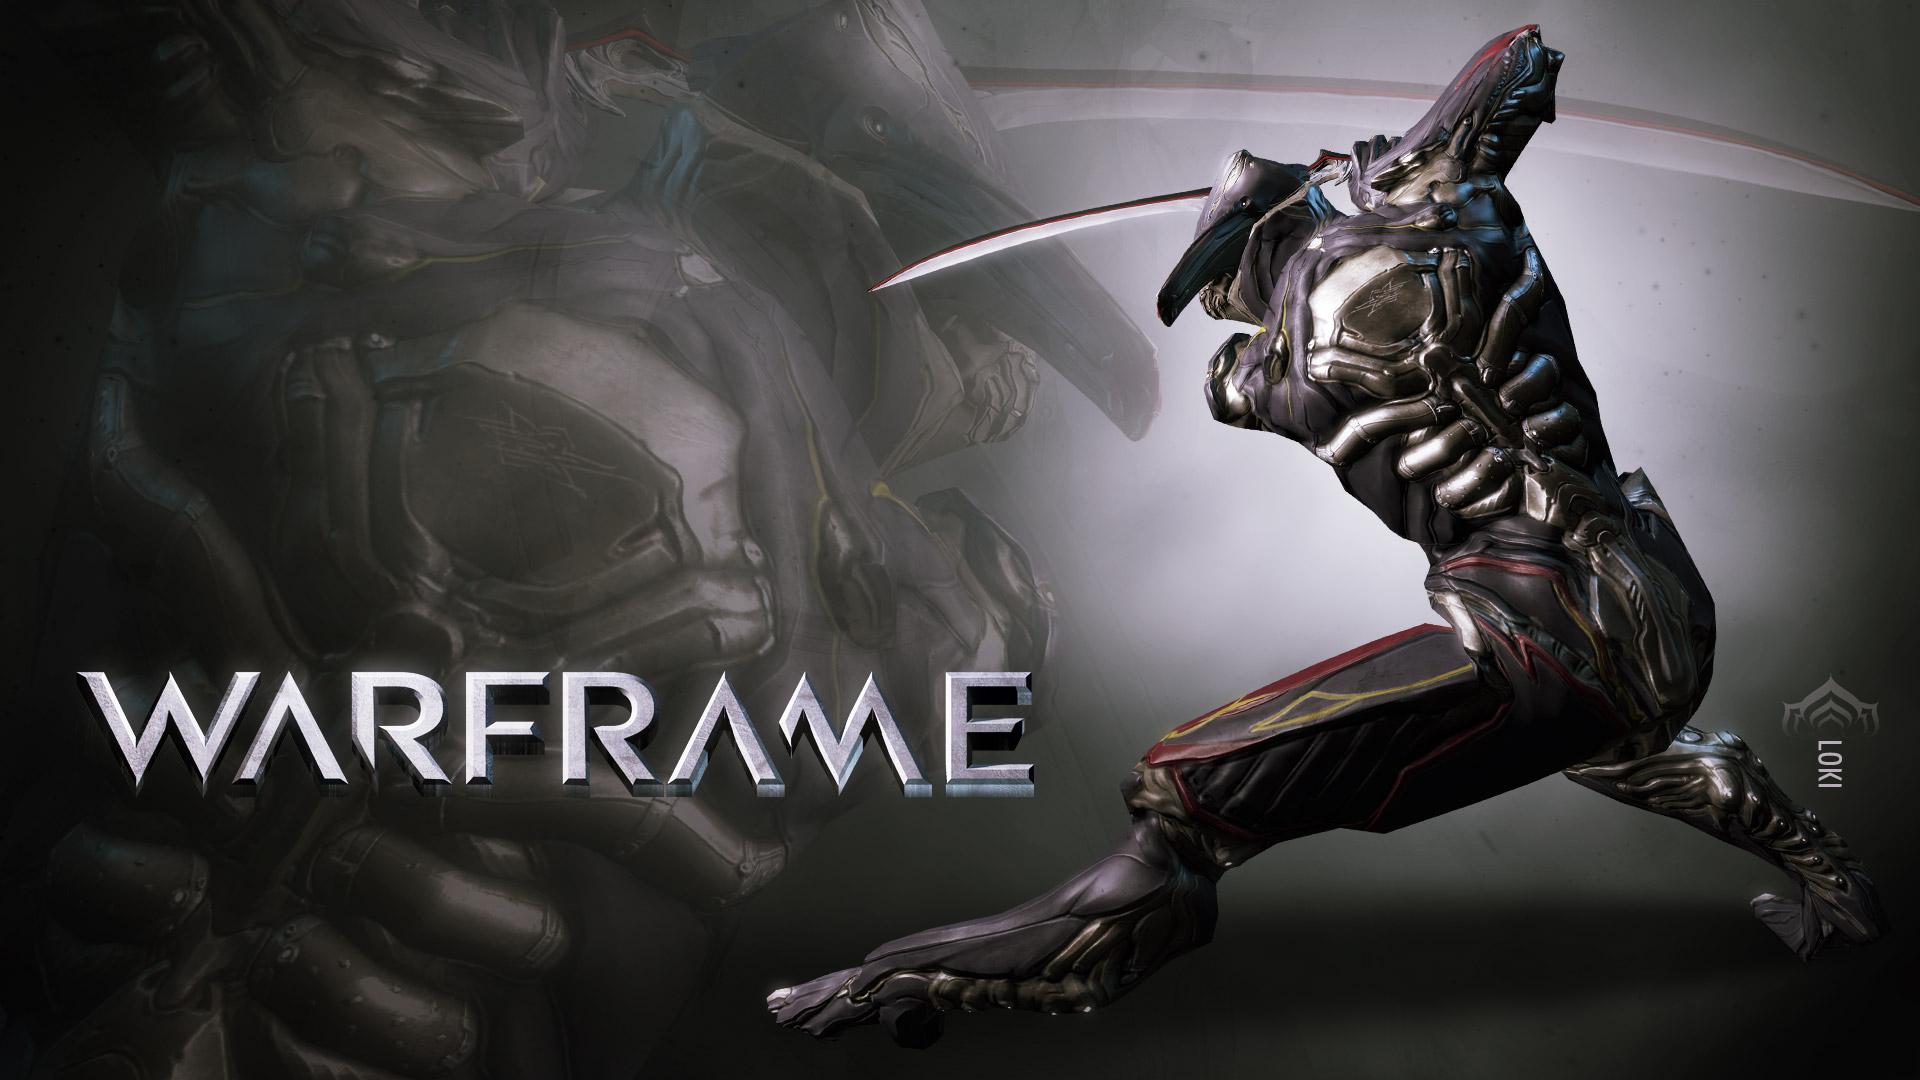 Free download Loki Warframe WARFRAME Wiki [1920x1080] for